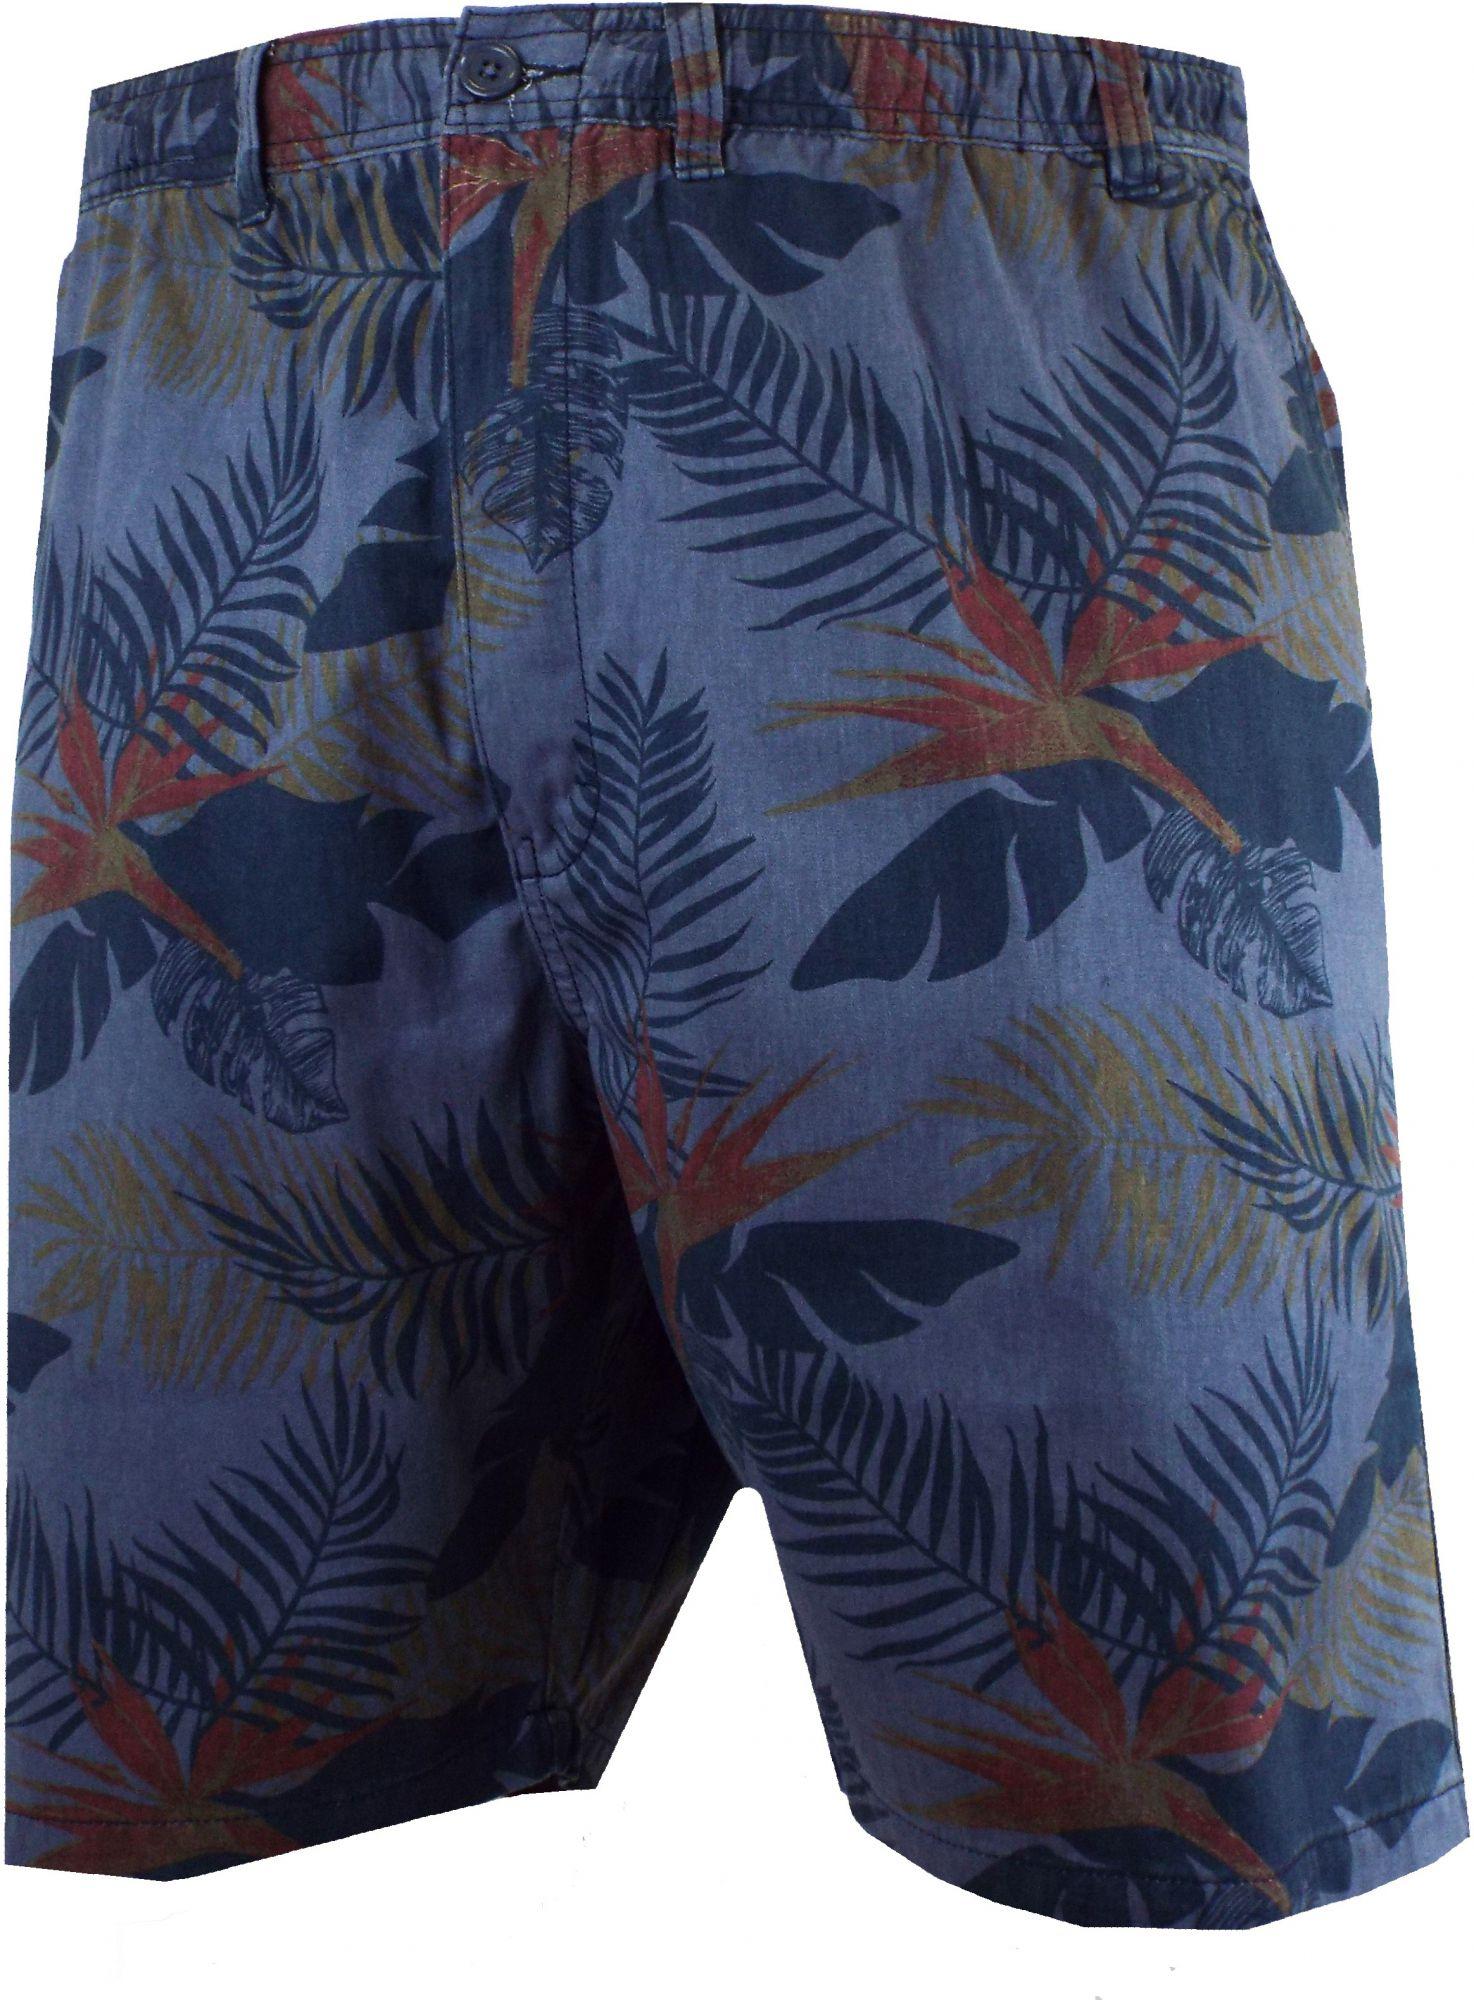 Bermuda Imprimé Floral Bleu Marine Espionage du 2XL au 8XL